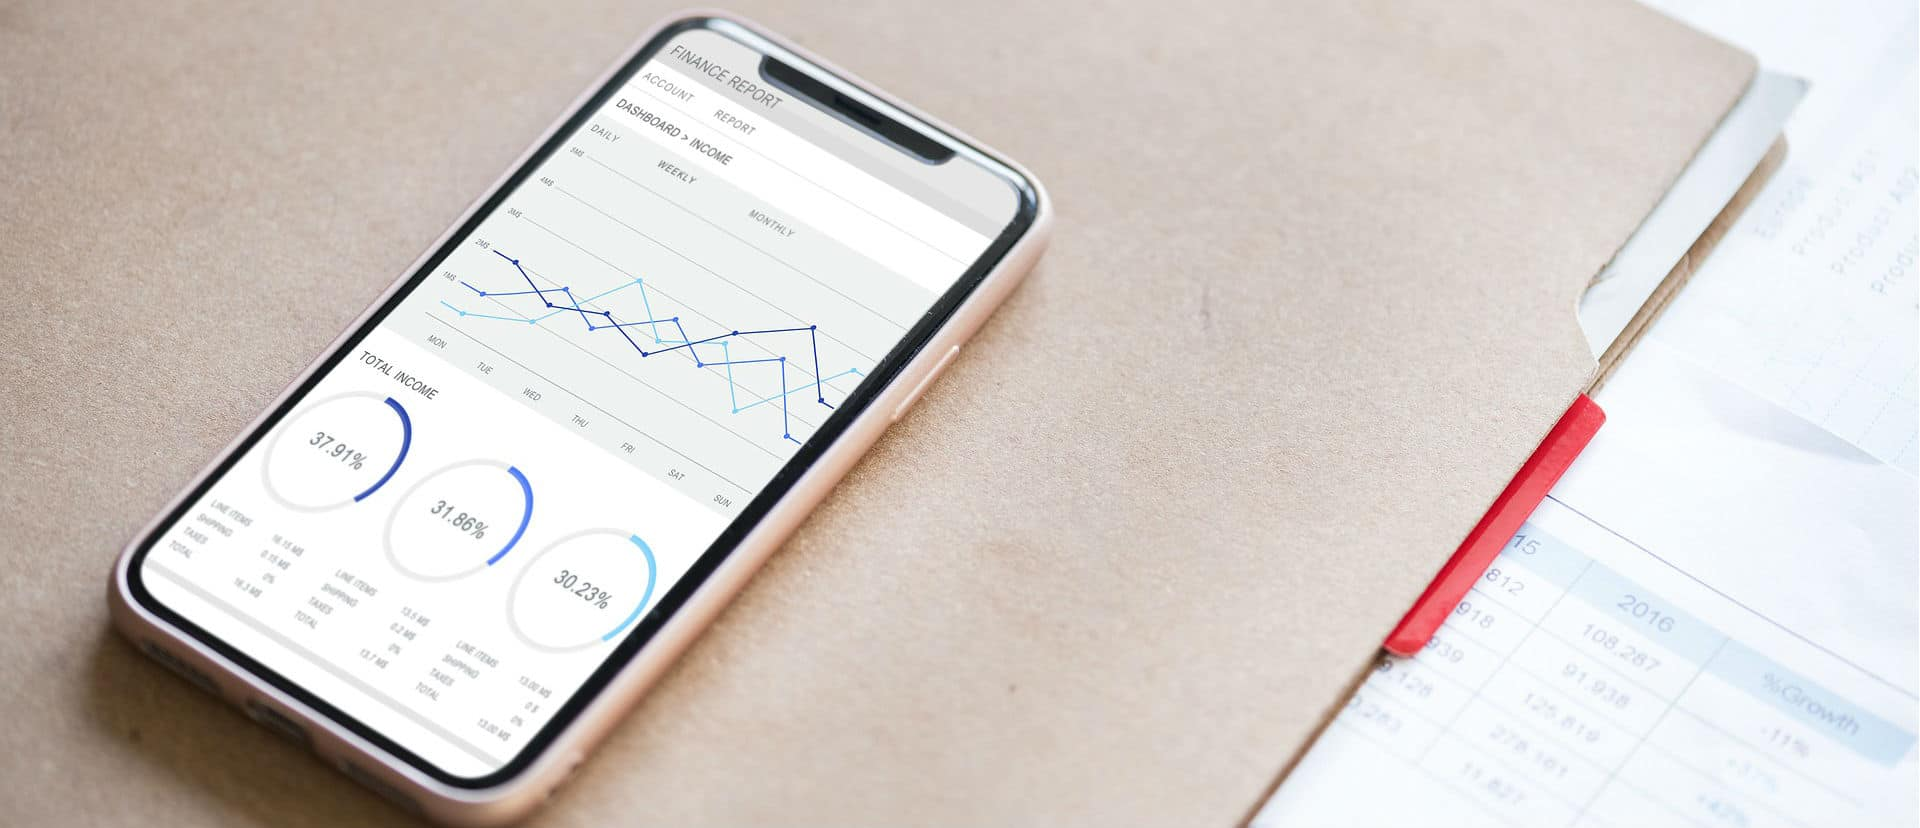 Existen multitud de apps para controlar tus finanzas